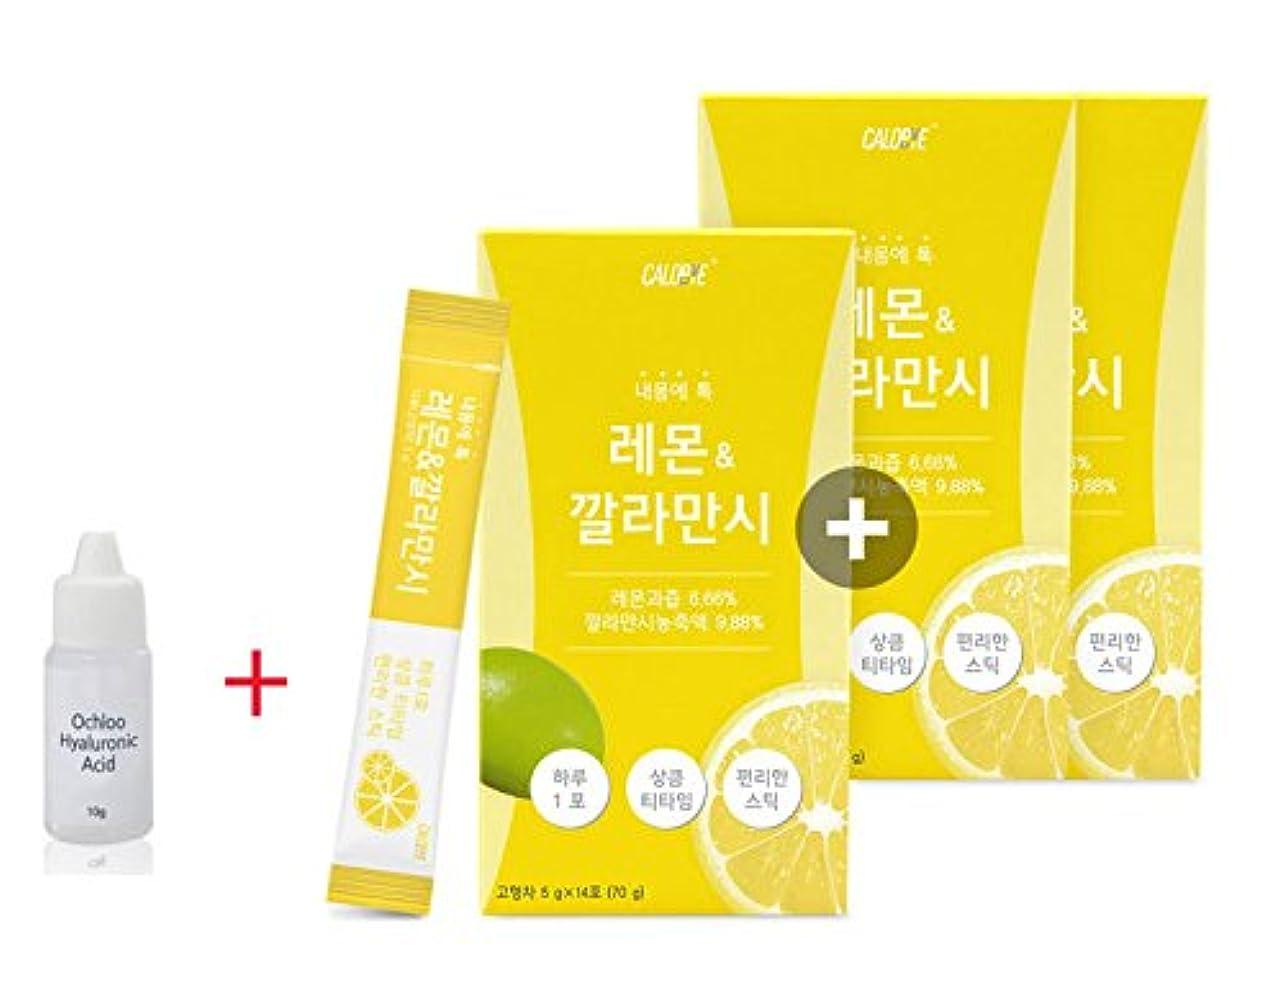 無駄なめる硬化するCALOBYE Lemon&Calamansi Stick Type 2+1 (total 42sticks) ダイエット用/Calamansi concentrate juice/Lemon concentrate juice...